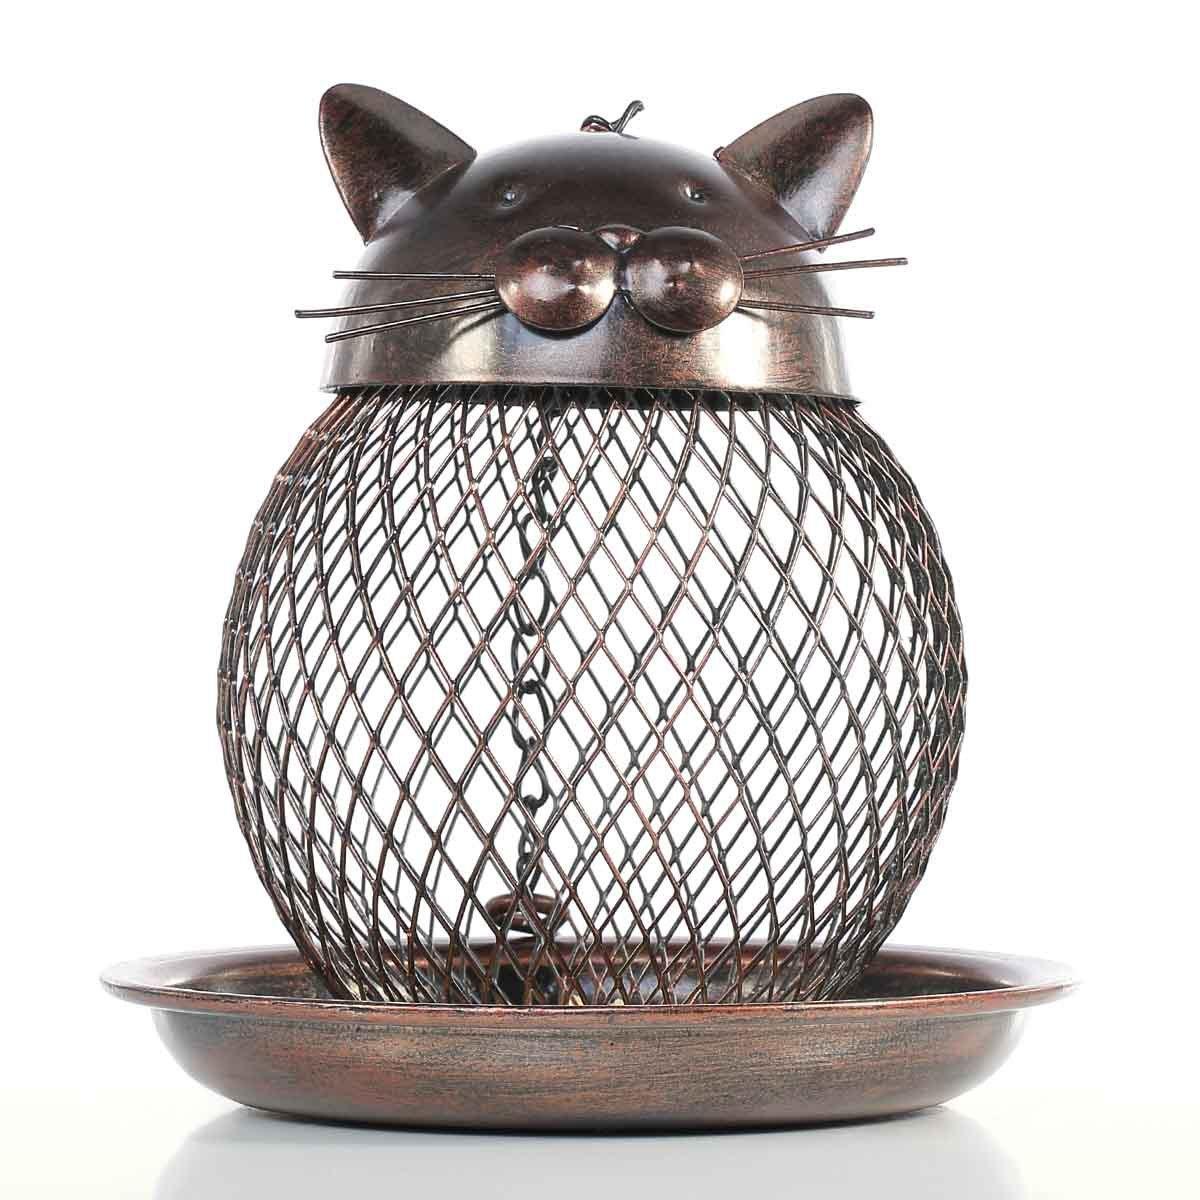 Wild Bird Feeder, Premium Metal Squirrel Proof Bird Feeder Cat Shape Art with Hanging Chain Decor for Outdoor Indoor (Bronze)